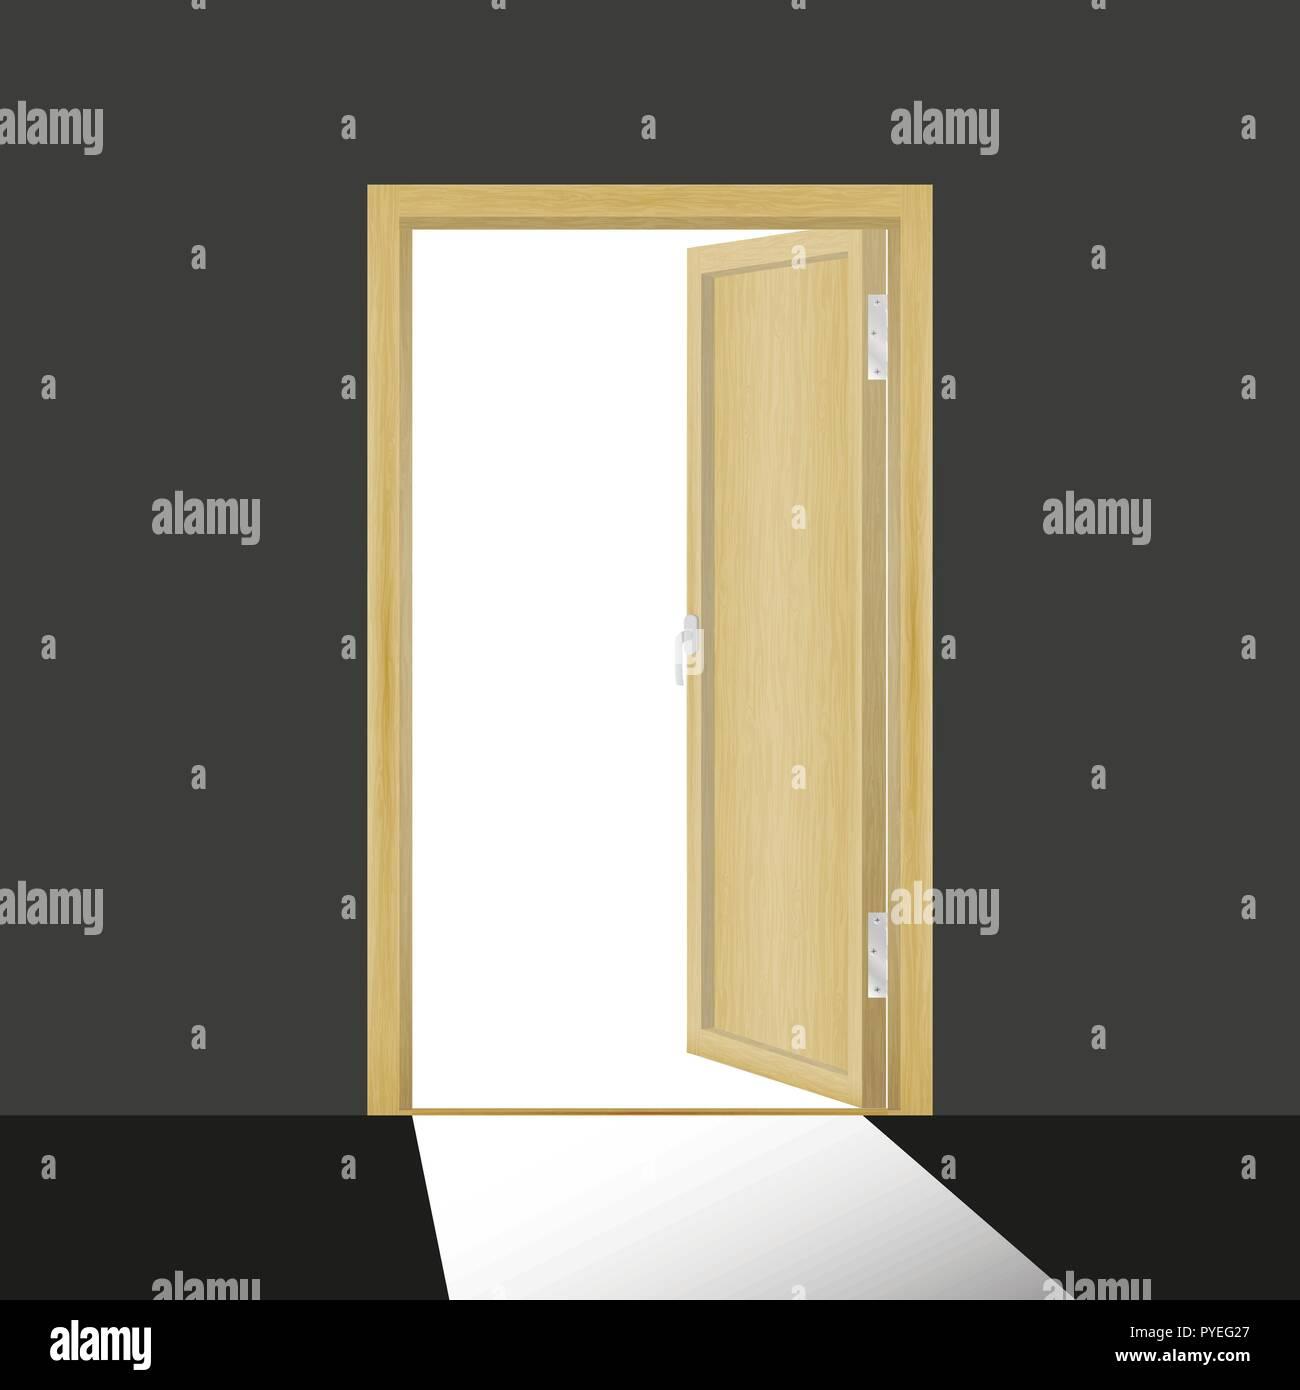 Wooden open door in a dark room - Stock Vector